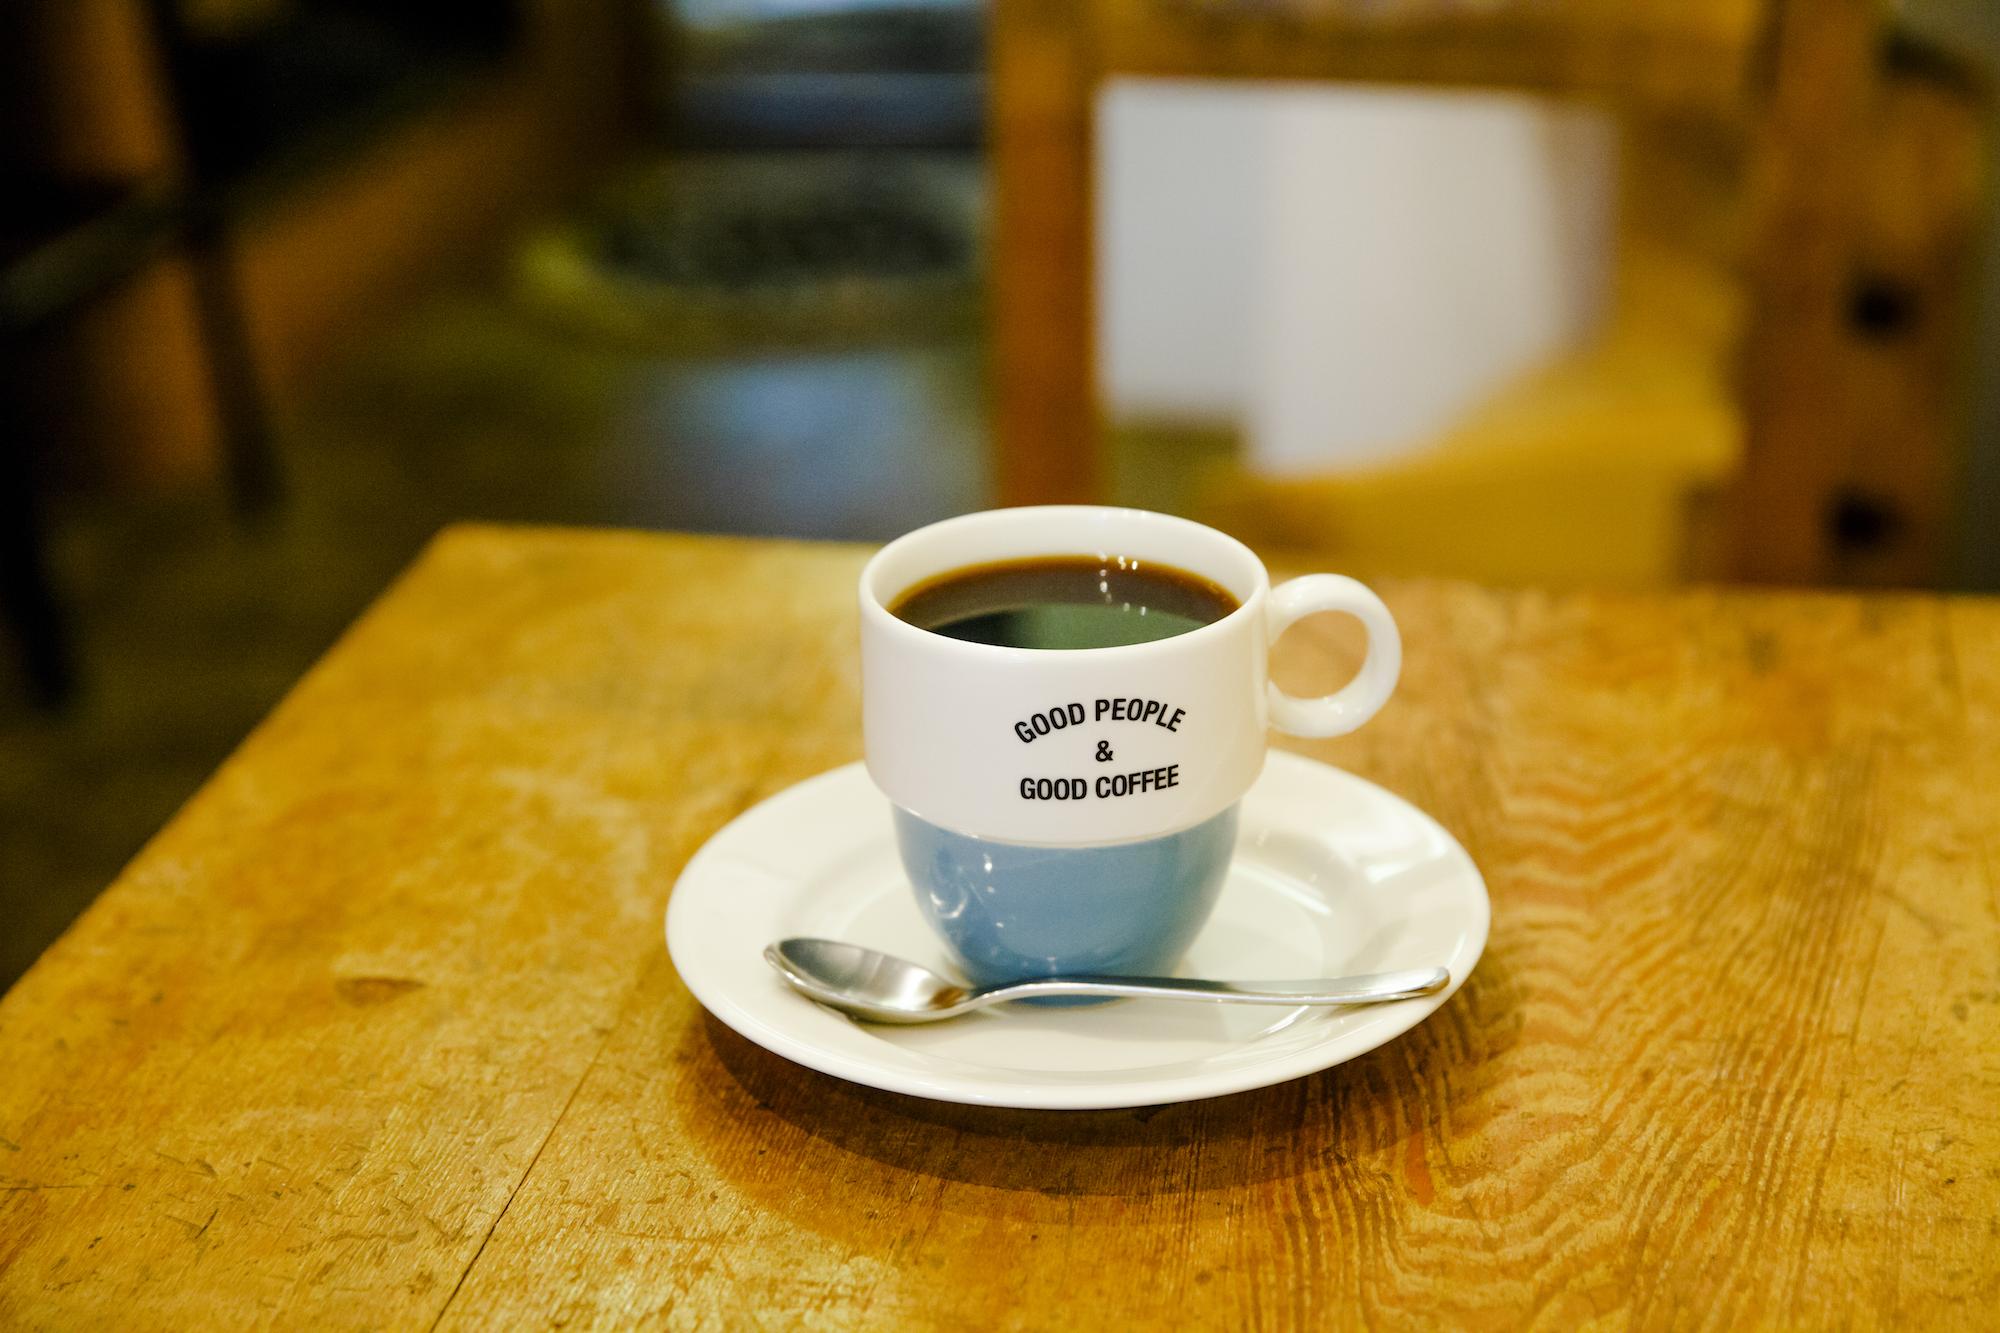 グッドピープル&グッドコーヒー